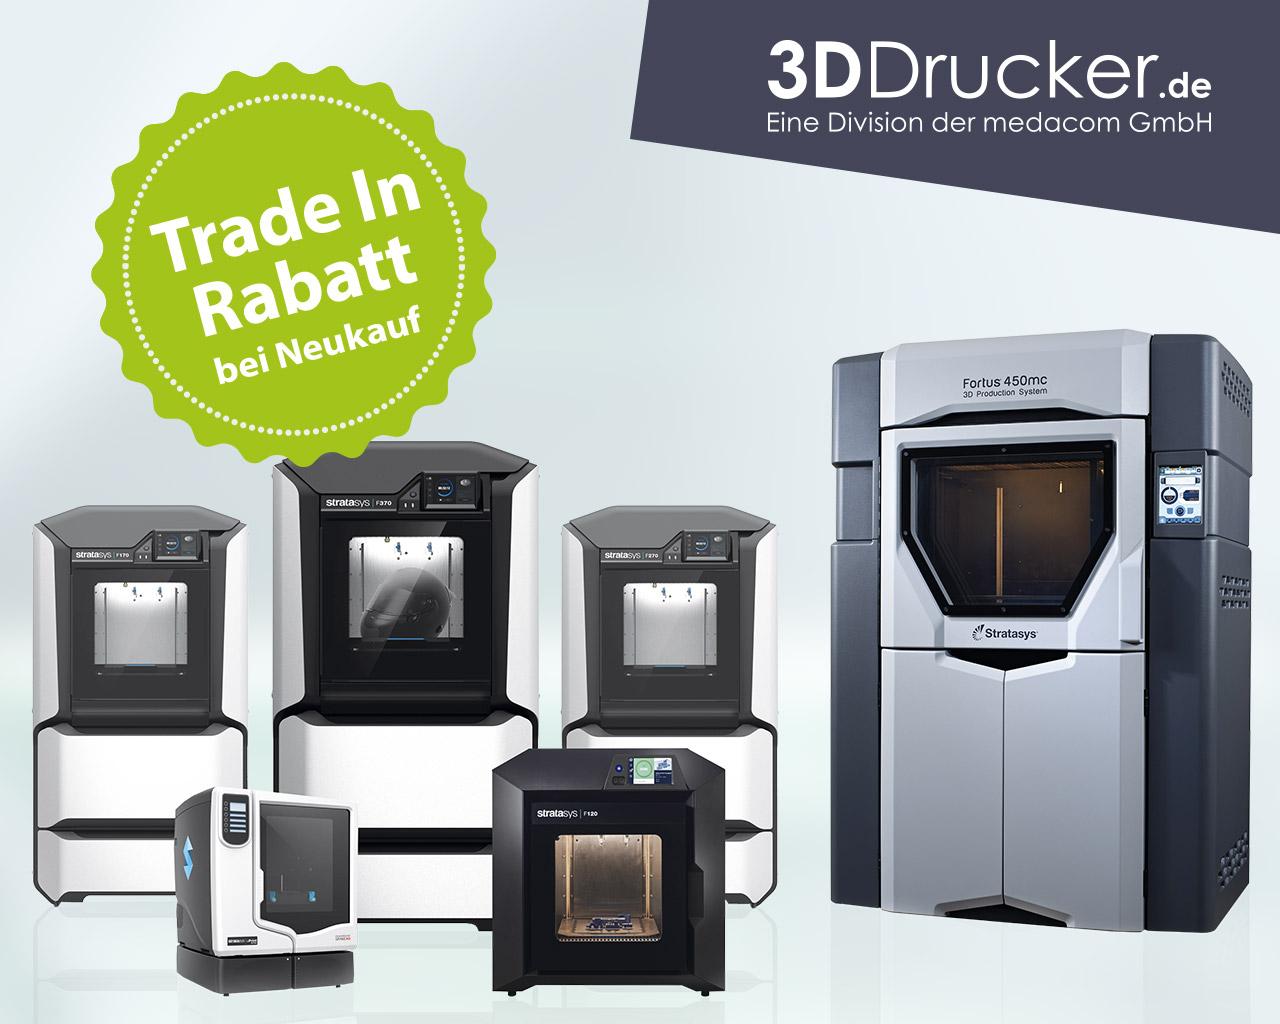 3D Druck Angebot   TradeIn Rabatt bei Neukauf